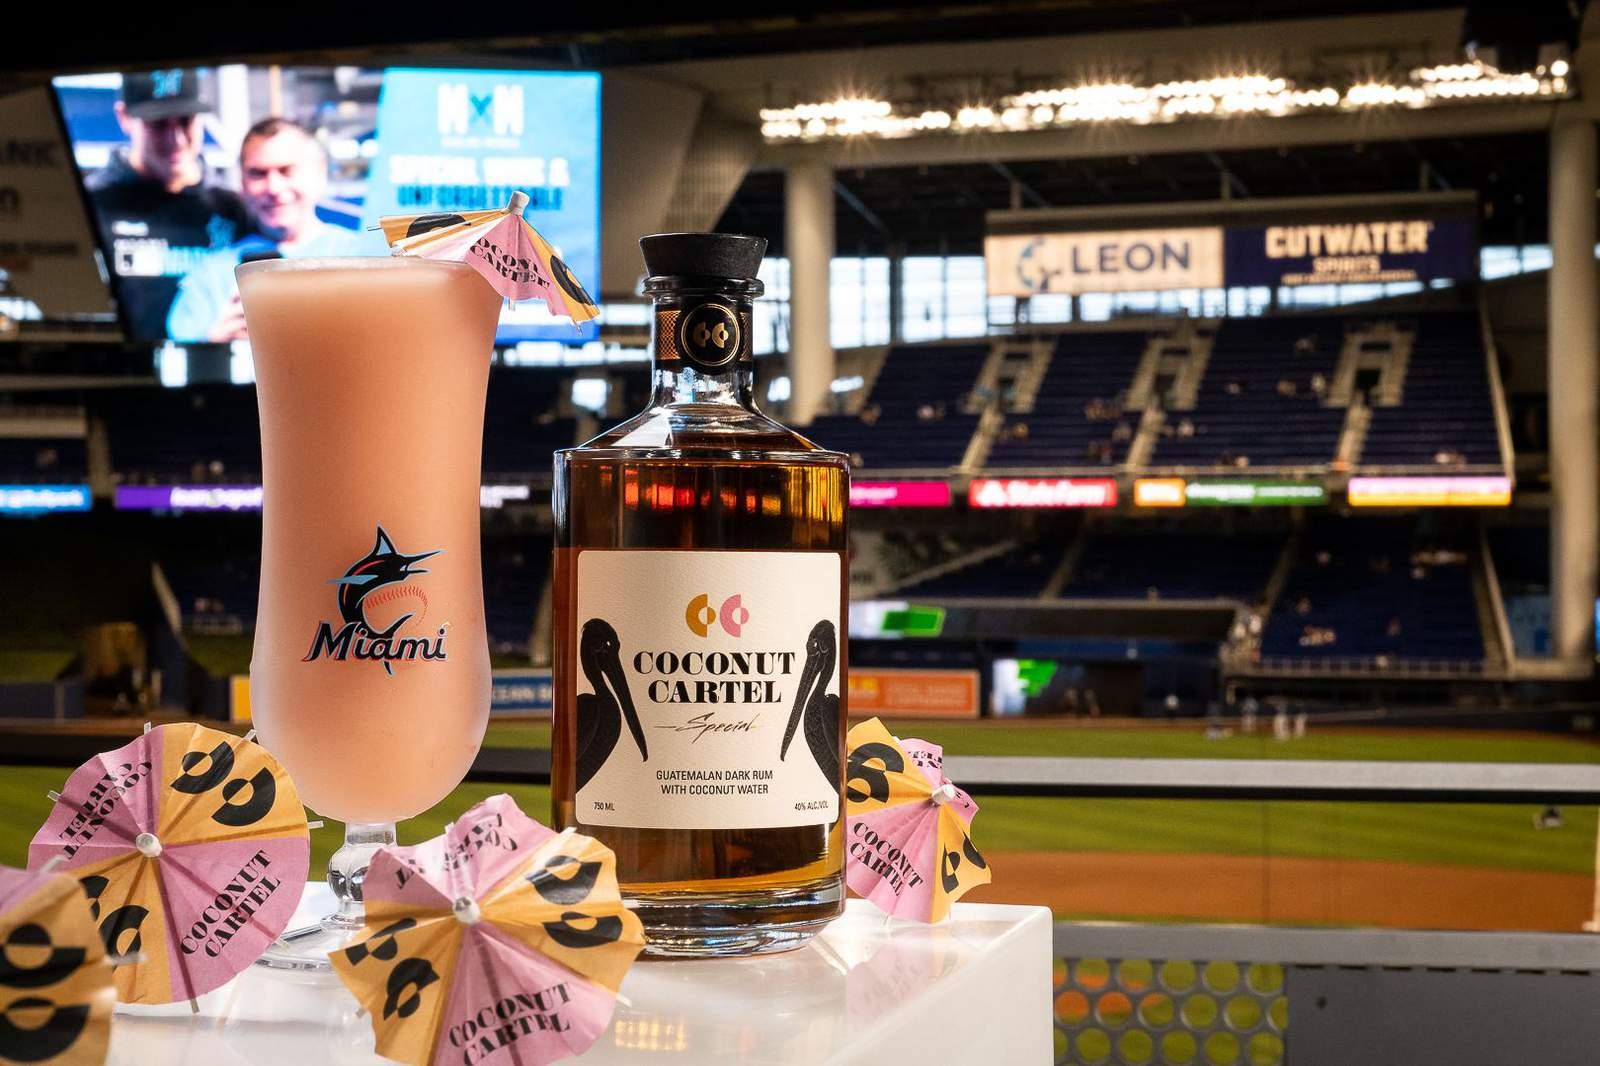 Coconut Cartel en el estadio de los Marlins de Miami